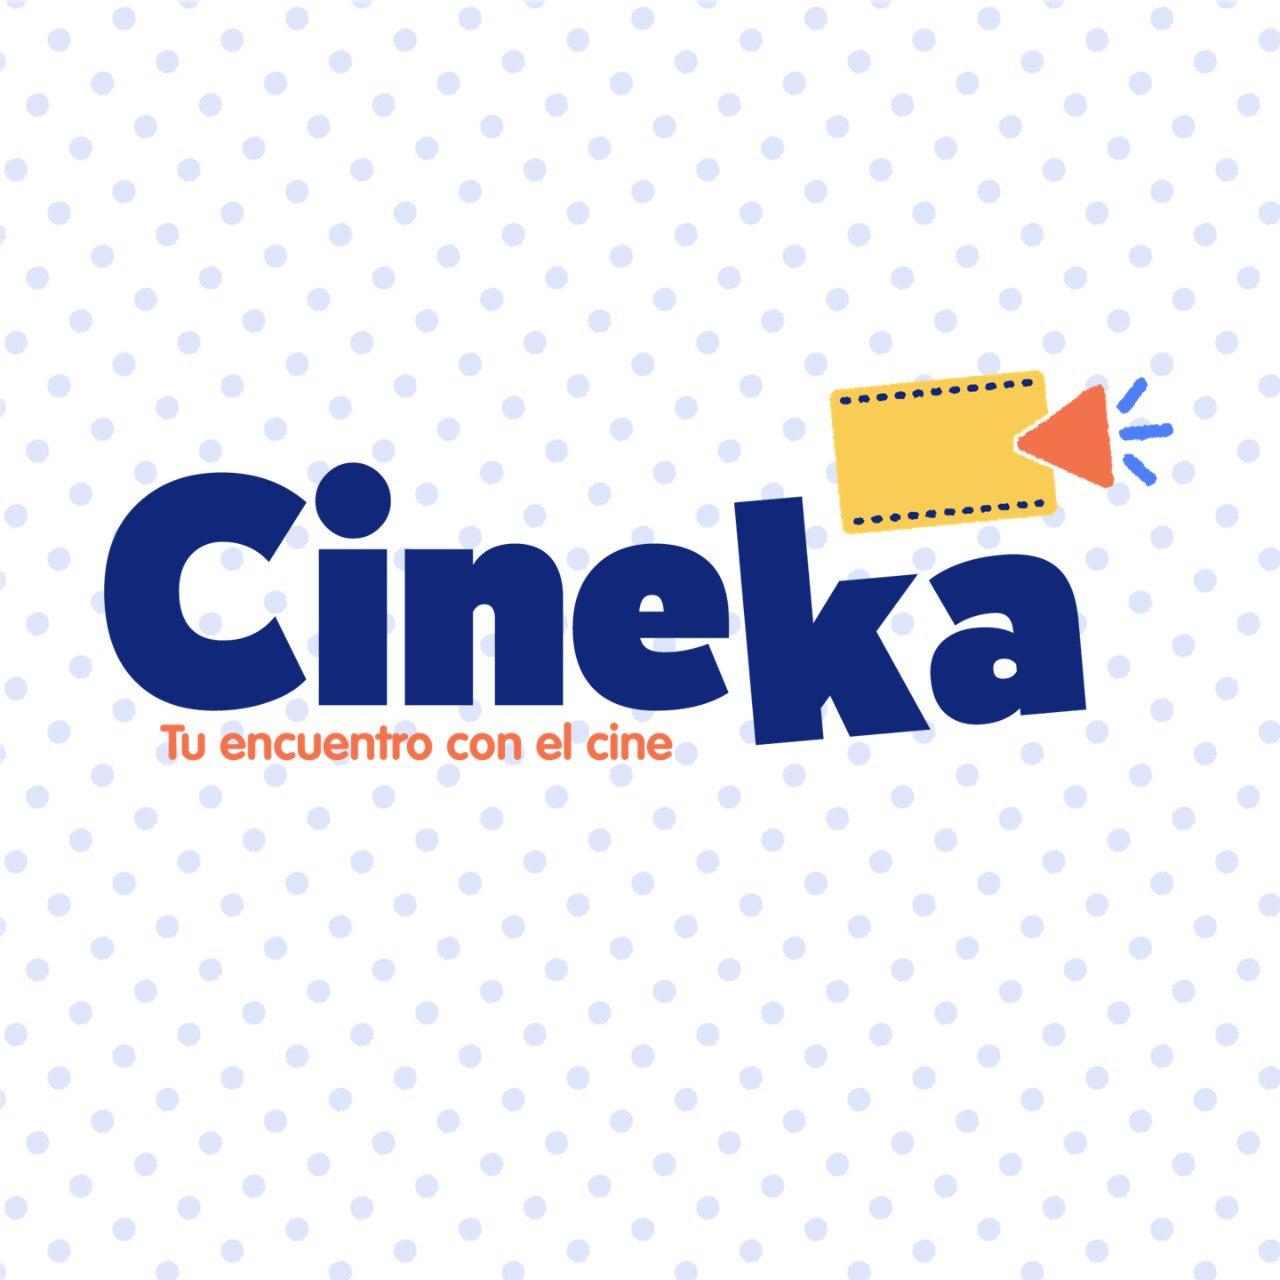 CINEKA, más que un cine!'s Avatar